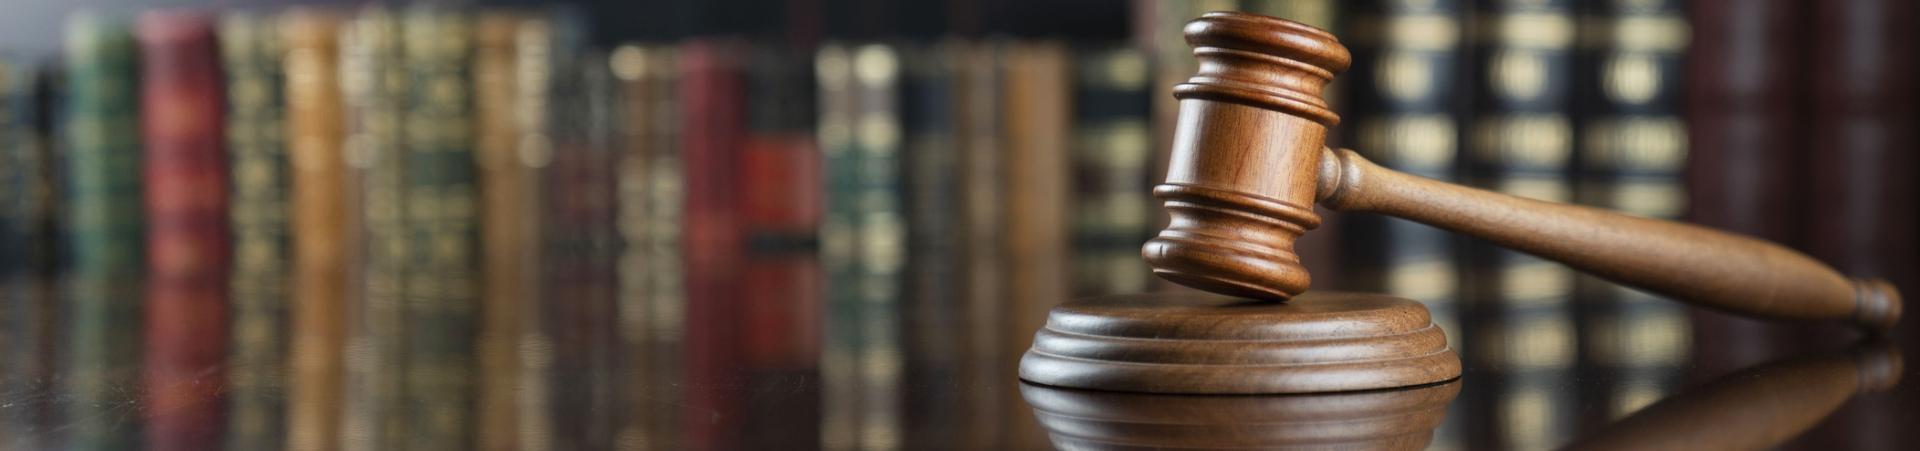 Gavel on desk set against law books